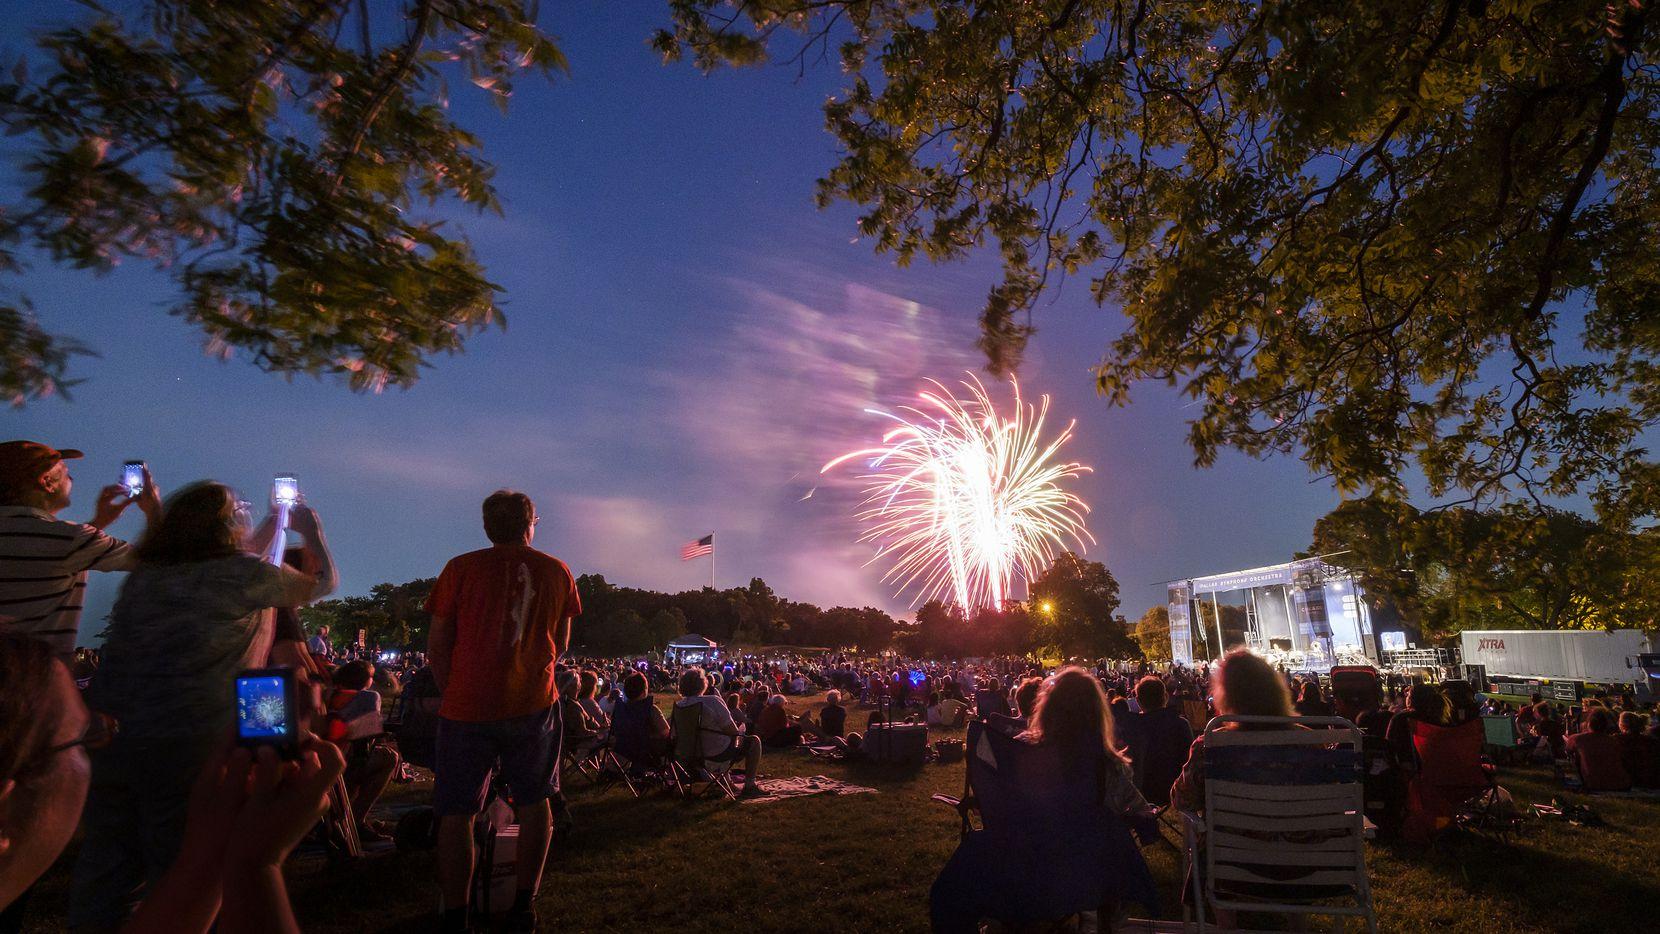 El concierto tradicional de la Sinfónica regresa a Flag Pole Hill este año.